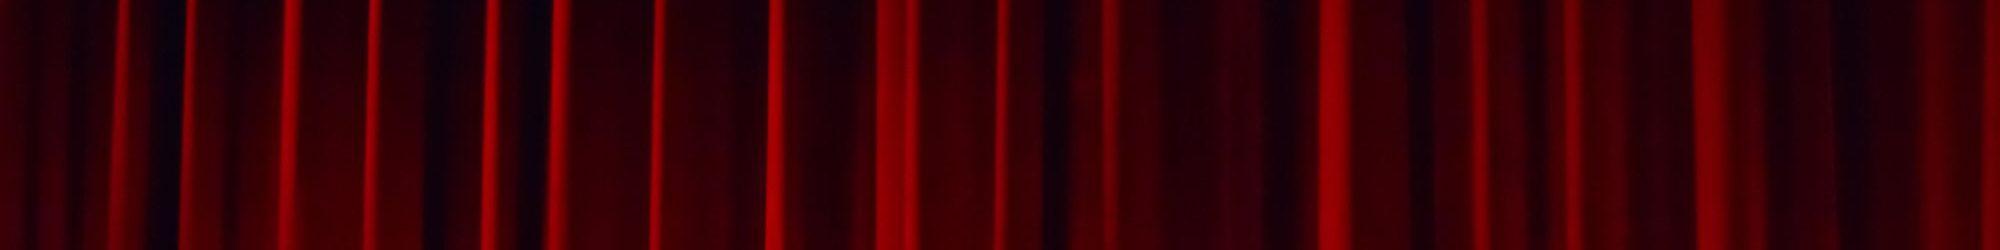 theatre-curtain